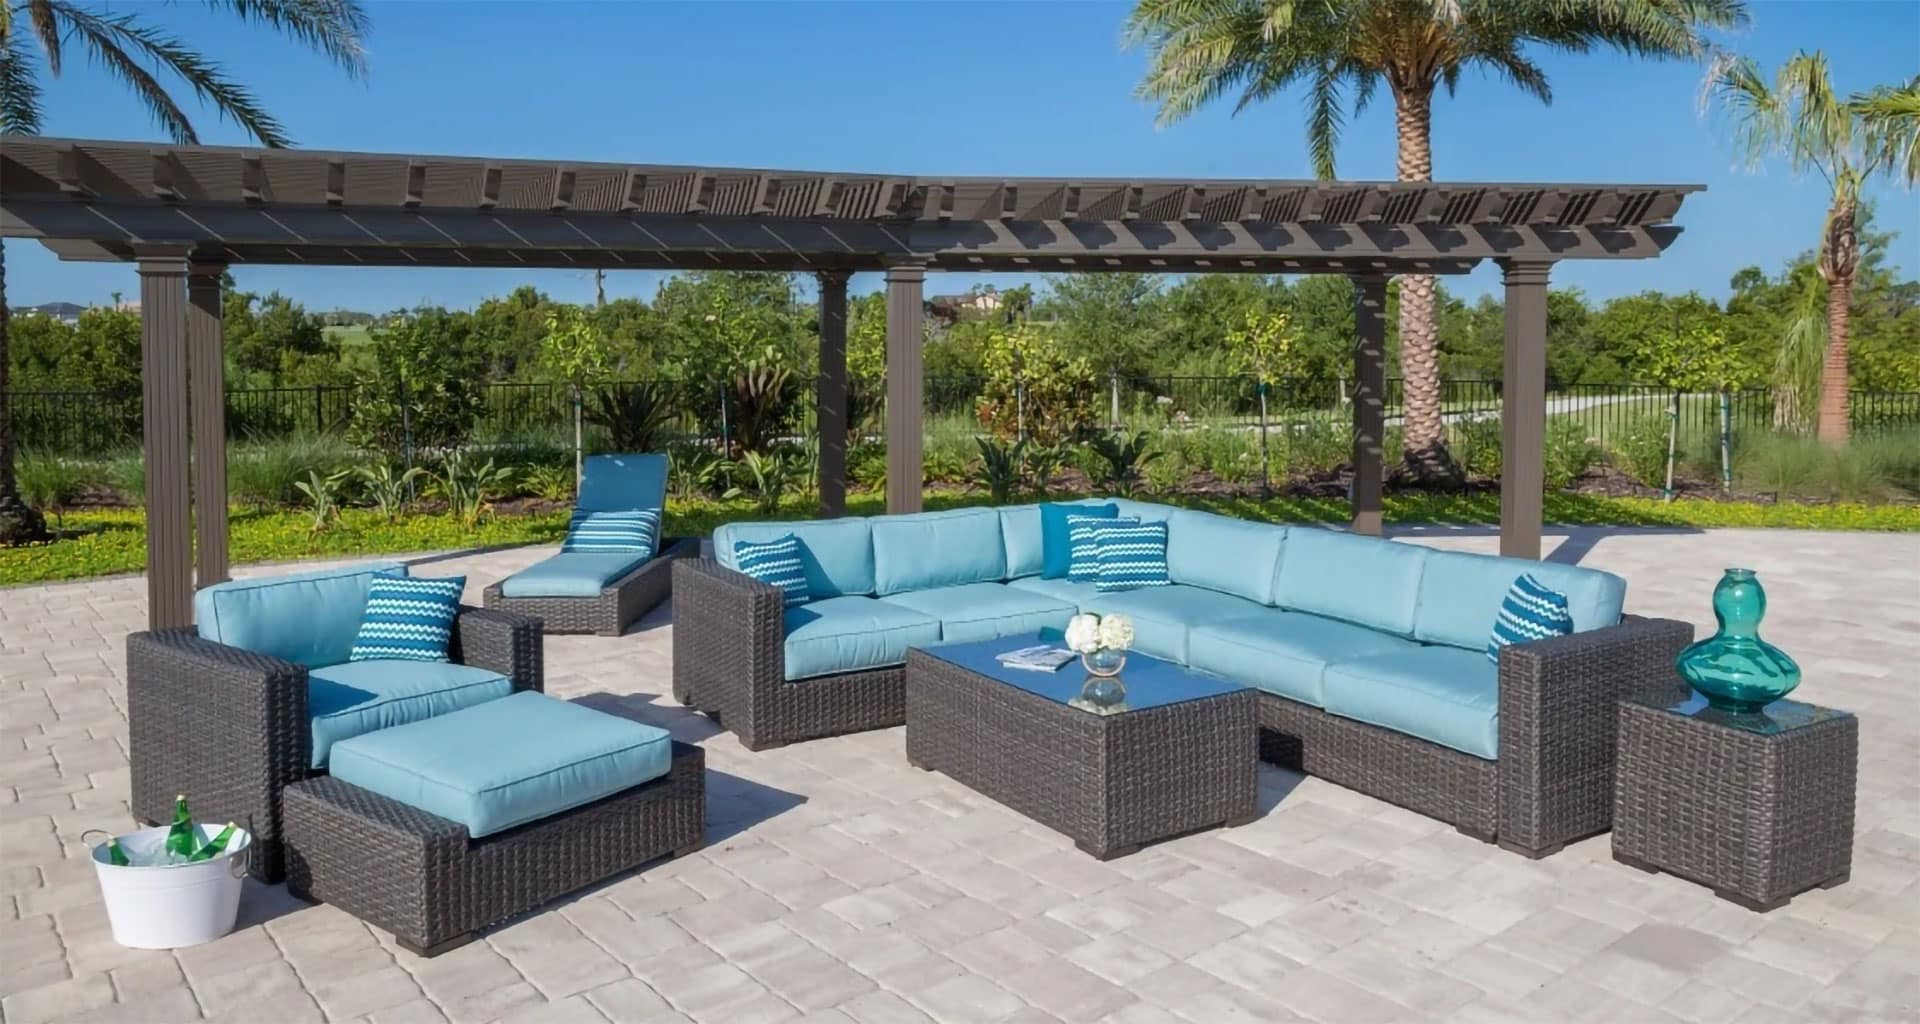 home main palm beach patio furniture